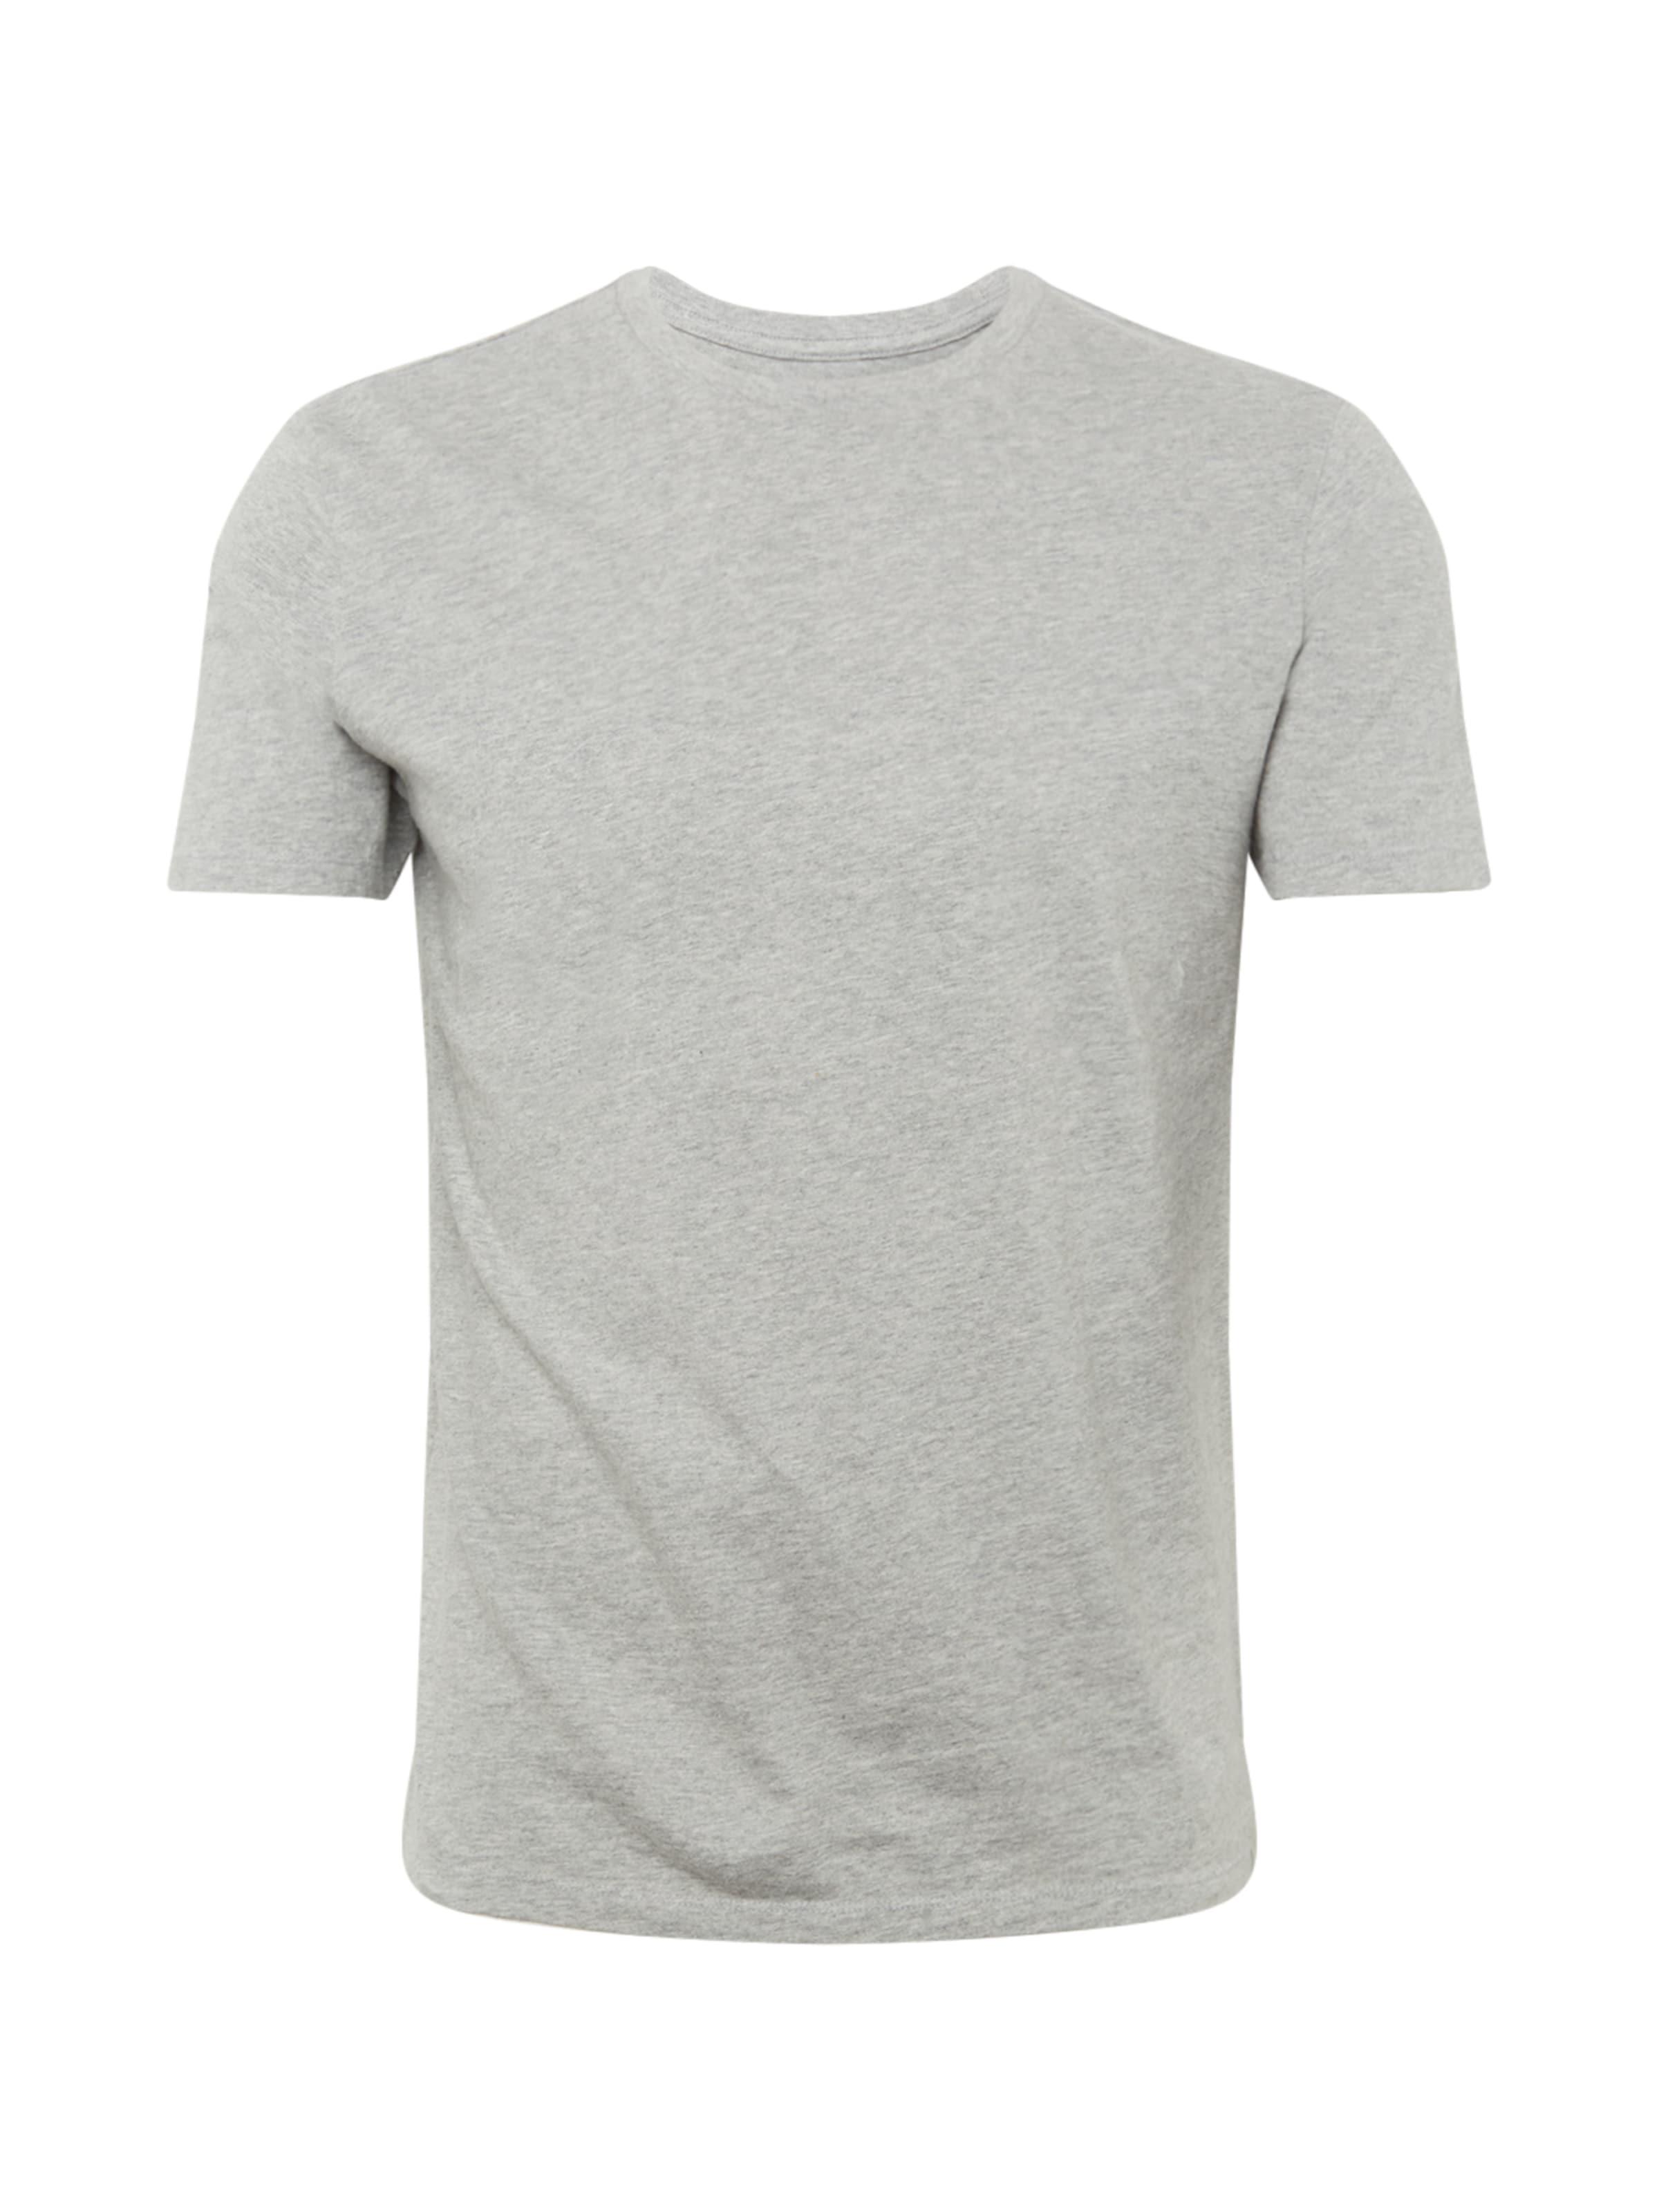 Gap T' In 'classic Shirt Hellgrau rxodeCB